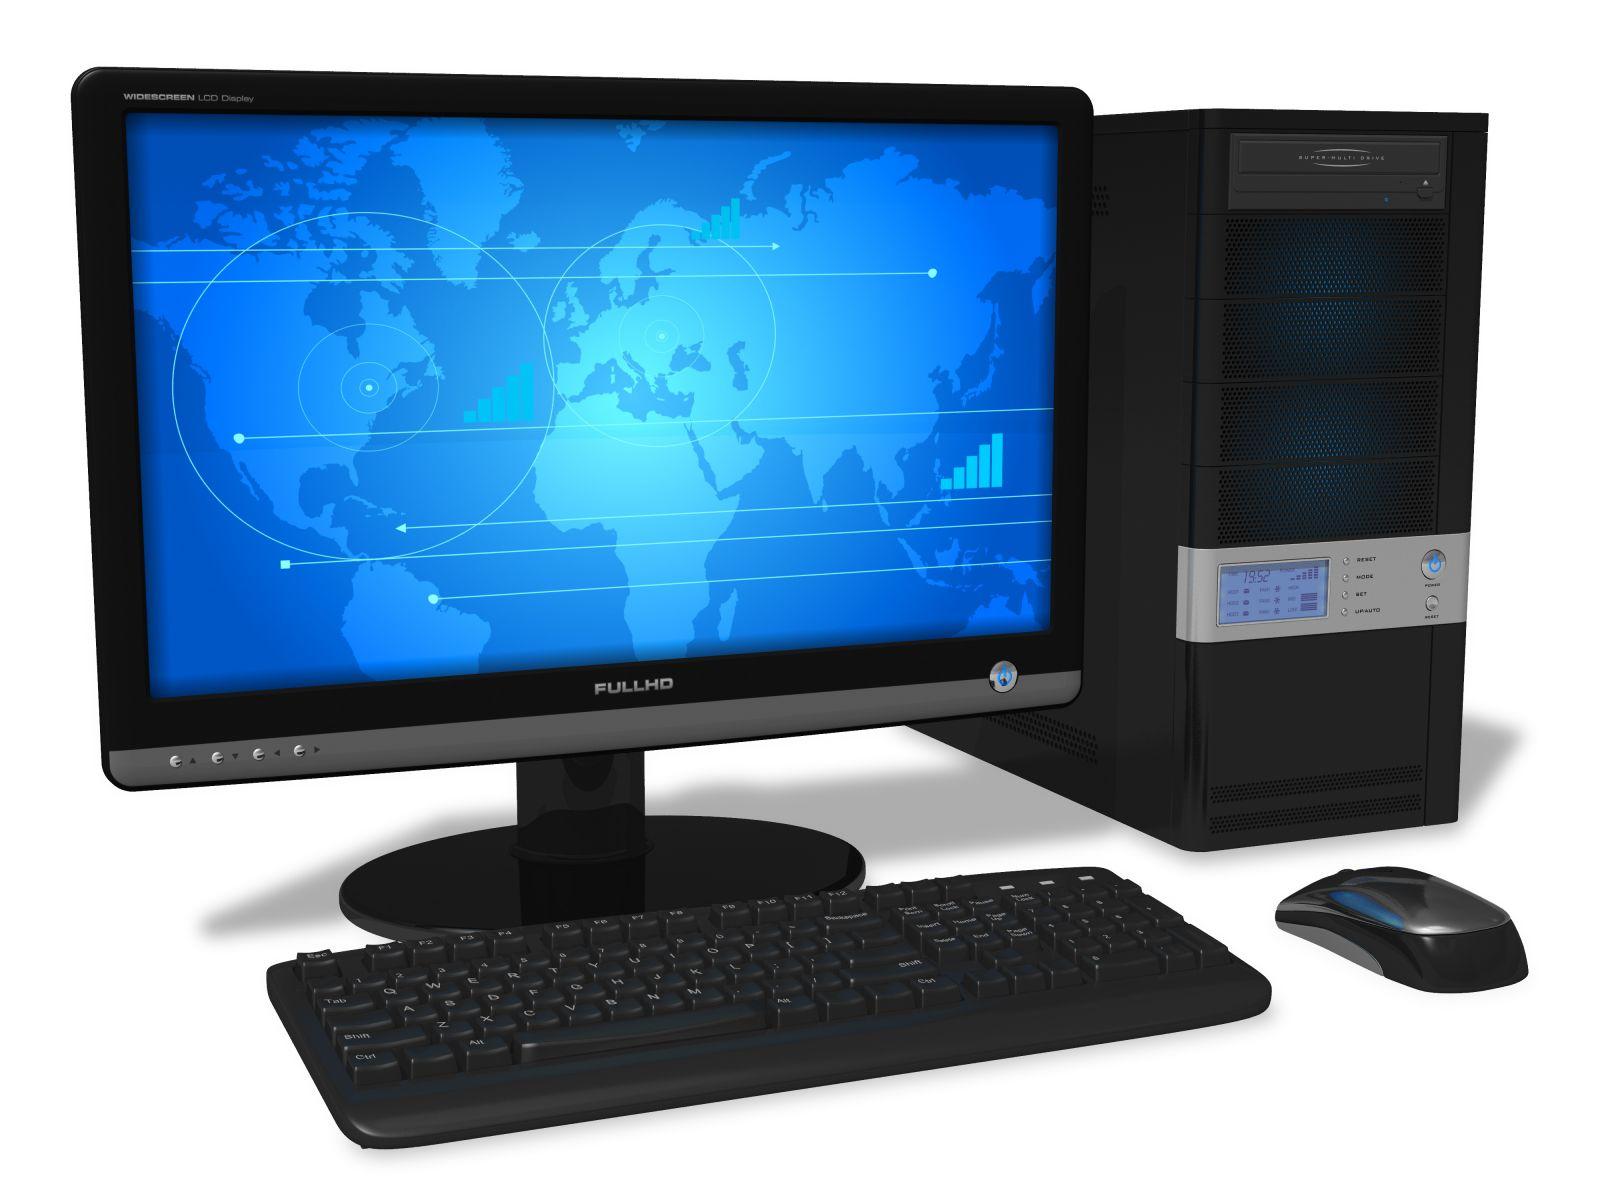 Installazione e configurazione pc e server